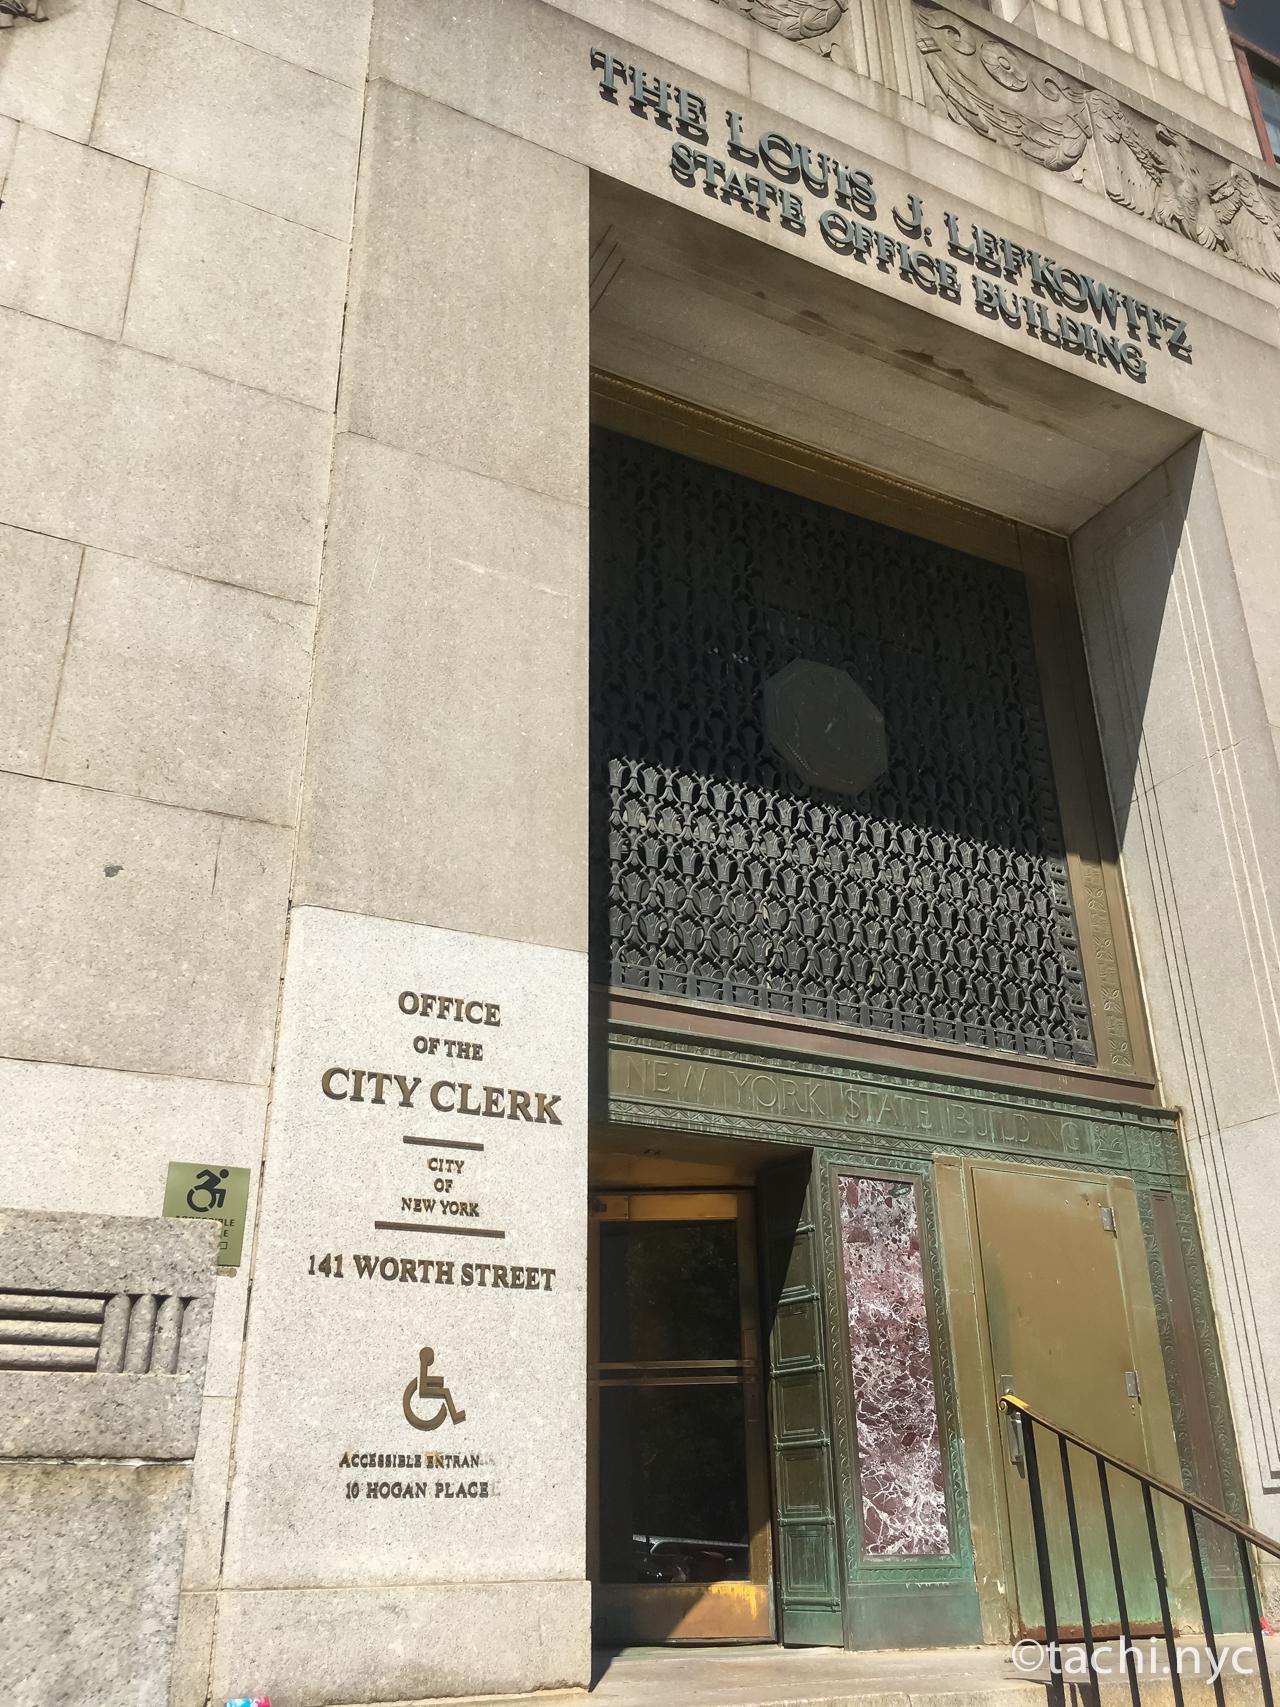 ニューヨークシティ・クラーク(市役所の市書記事務局)